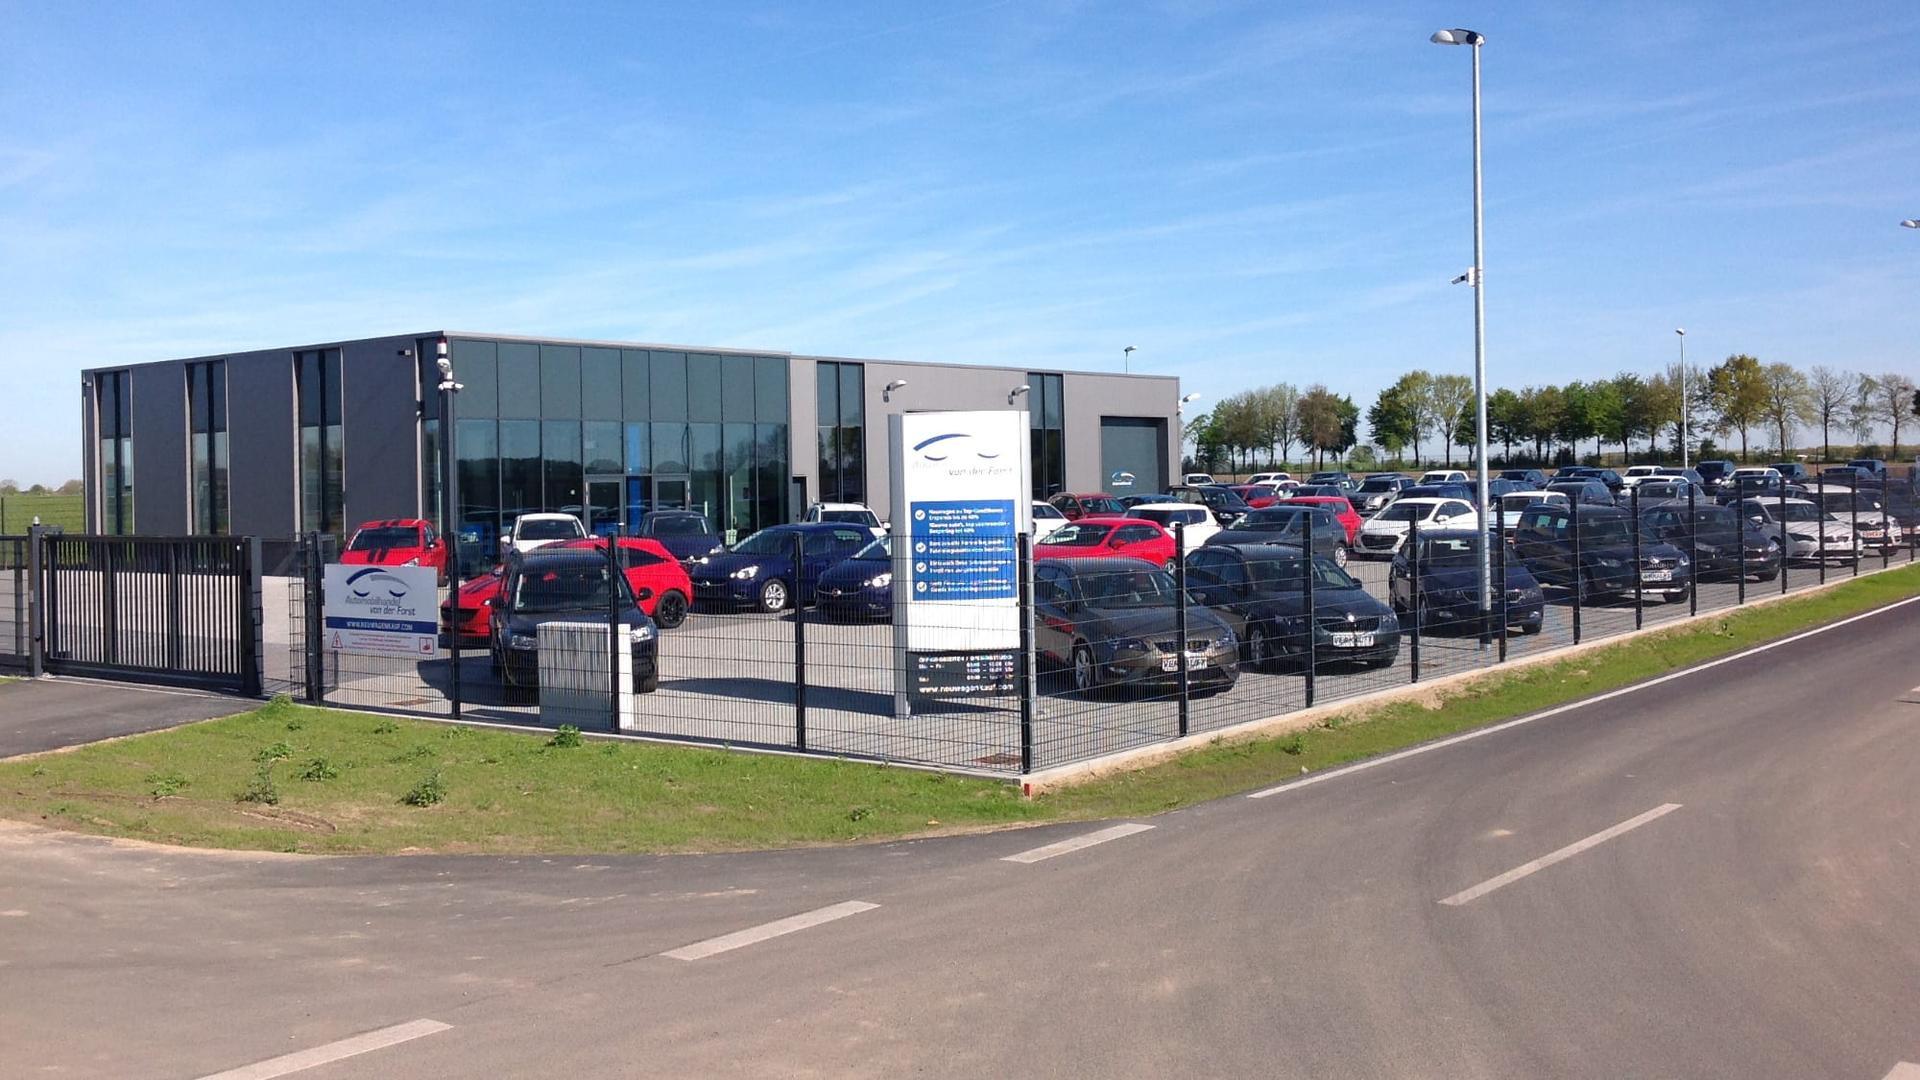 Automobilhandel von der Forst – Neuwagen, EU-Neufahrzeuge